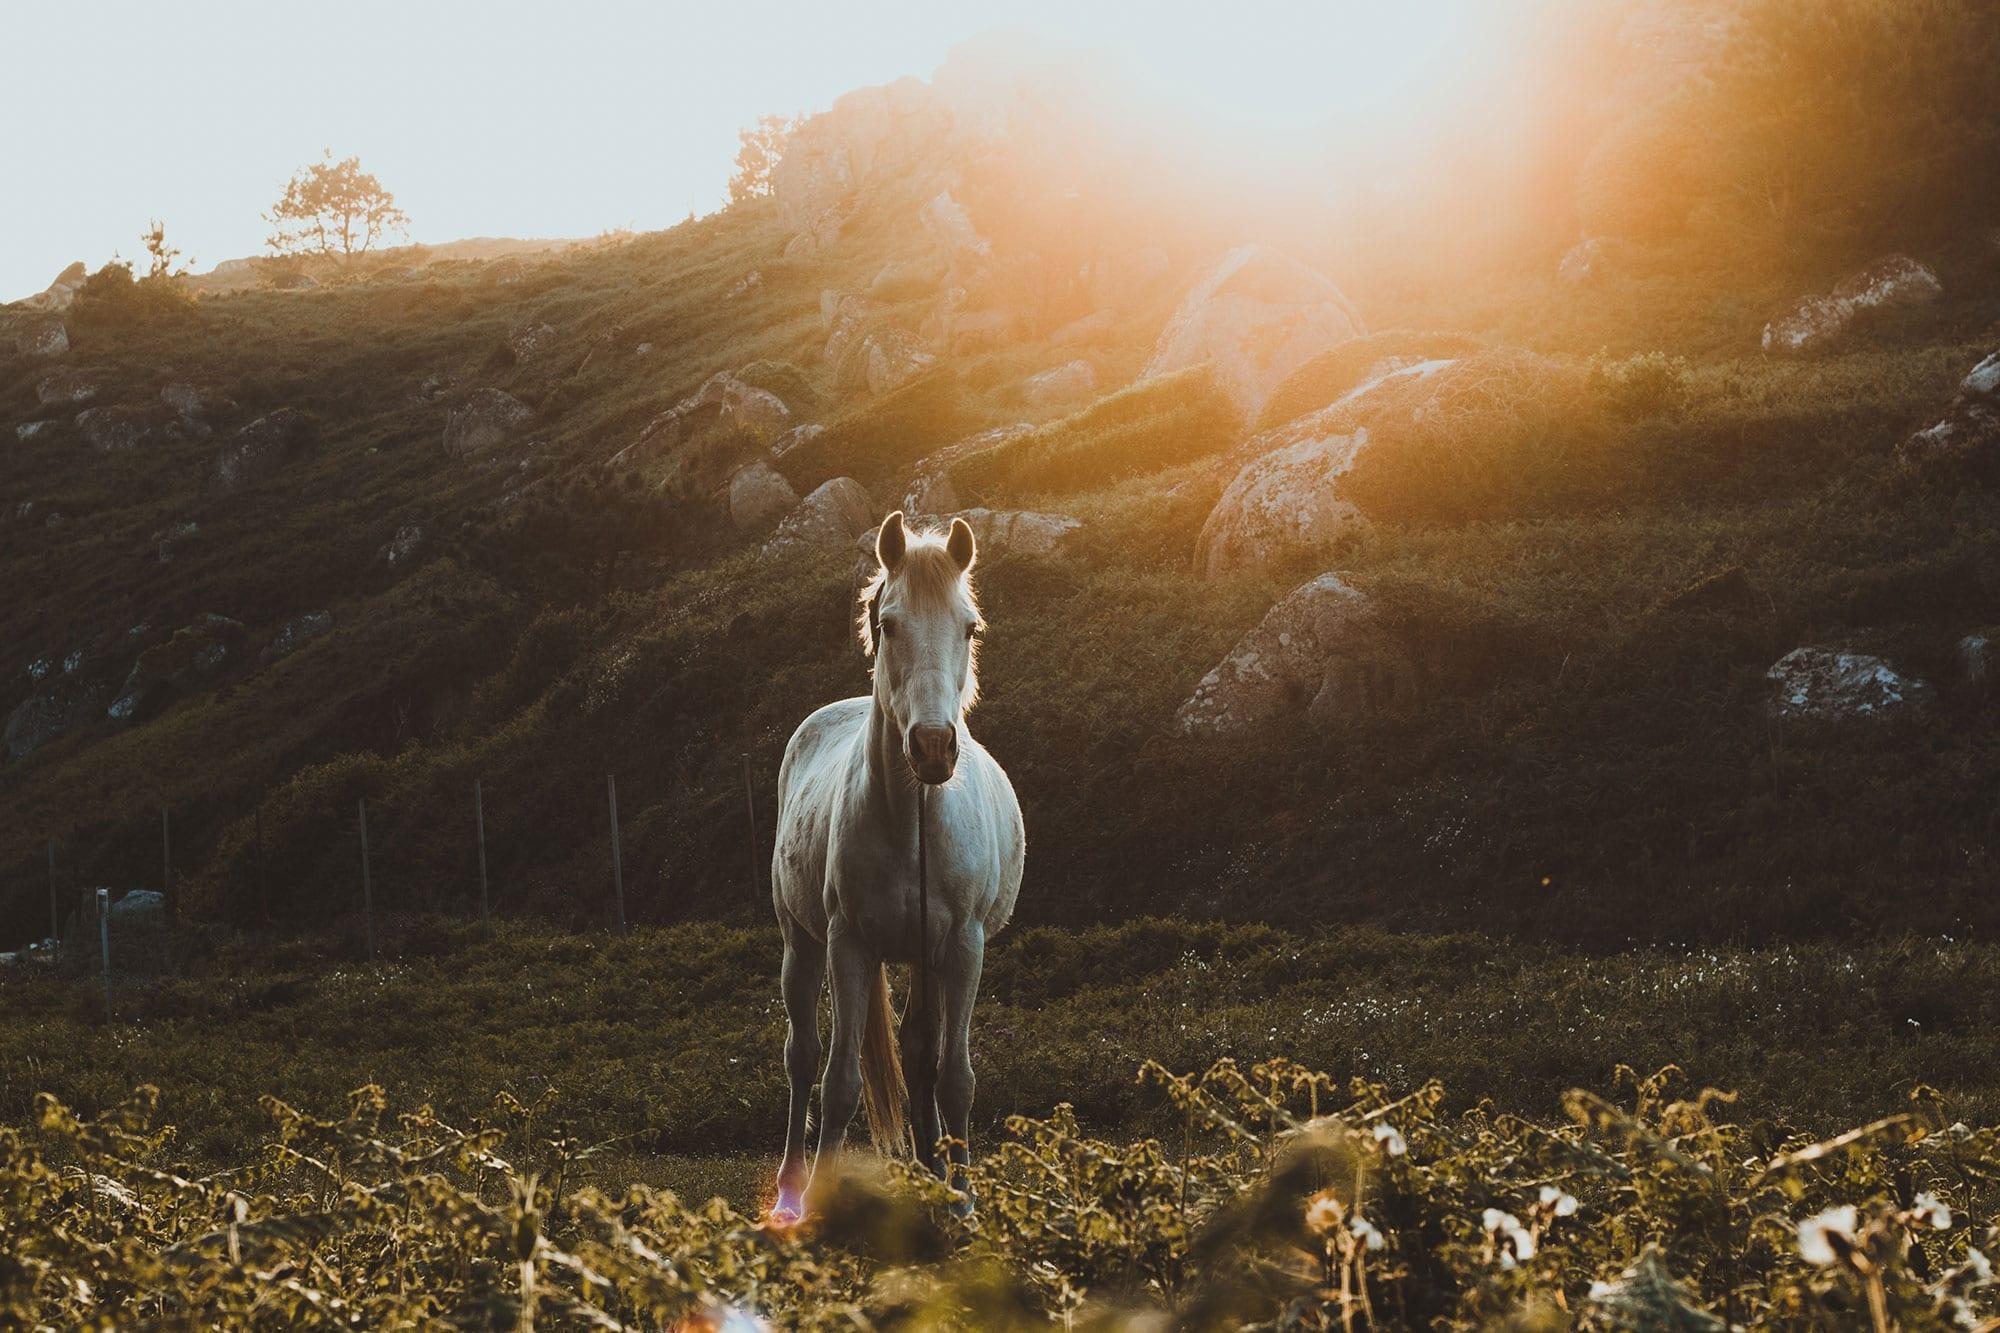 PARASITE CONTROL IN HORSES